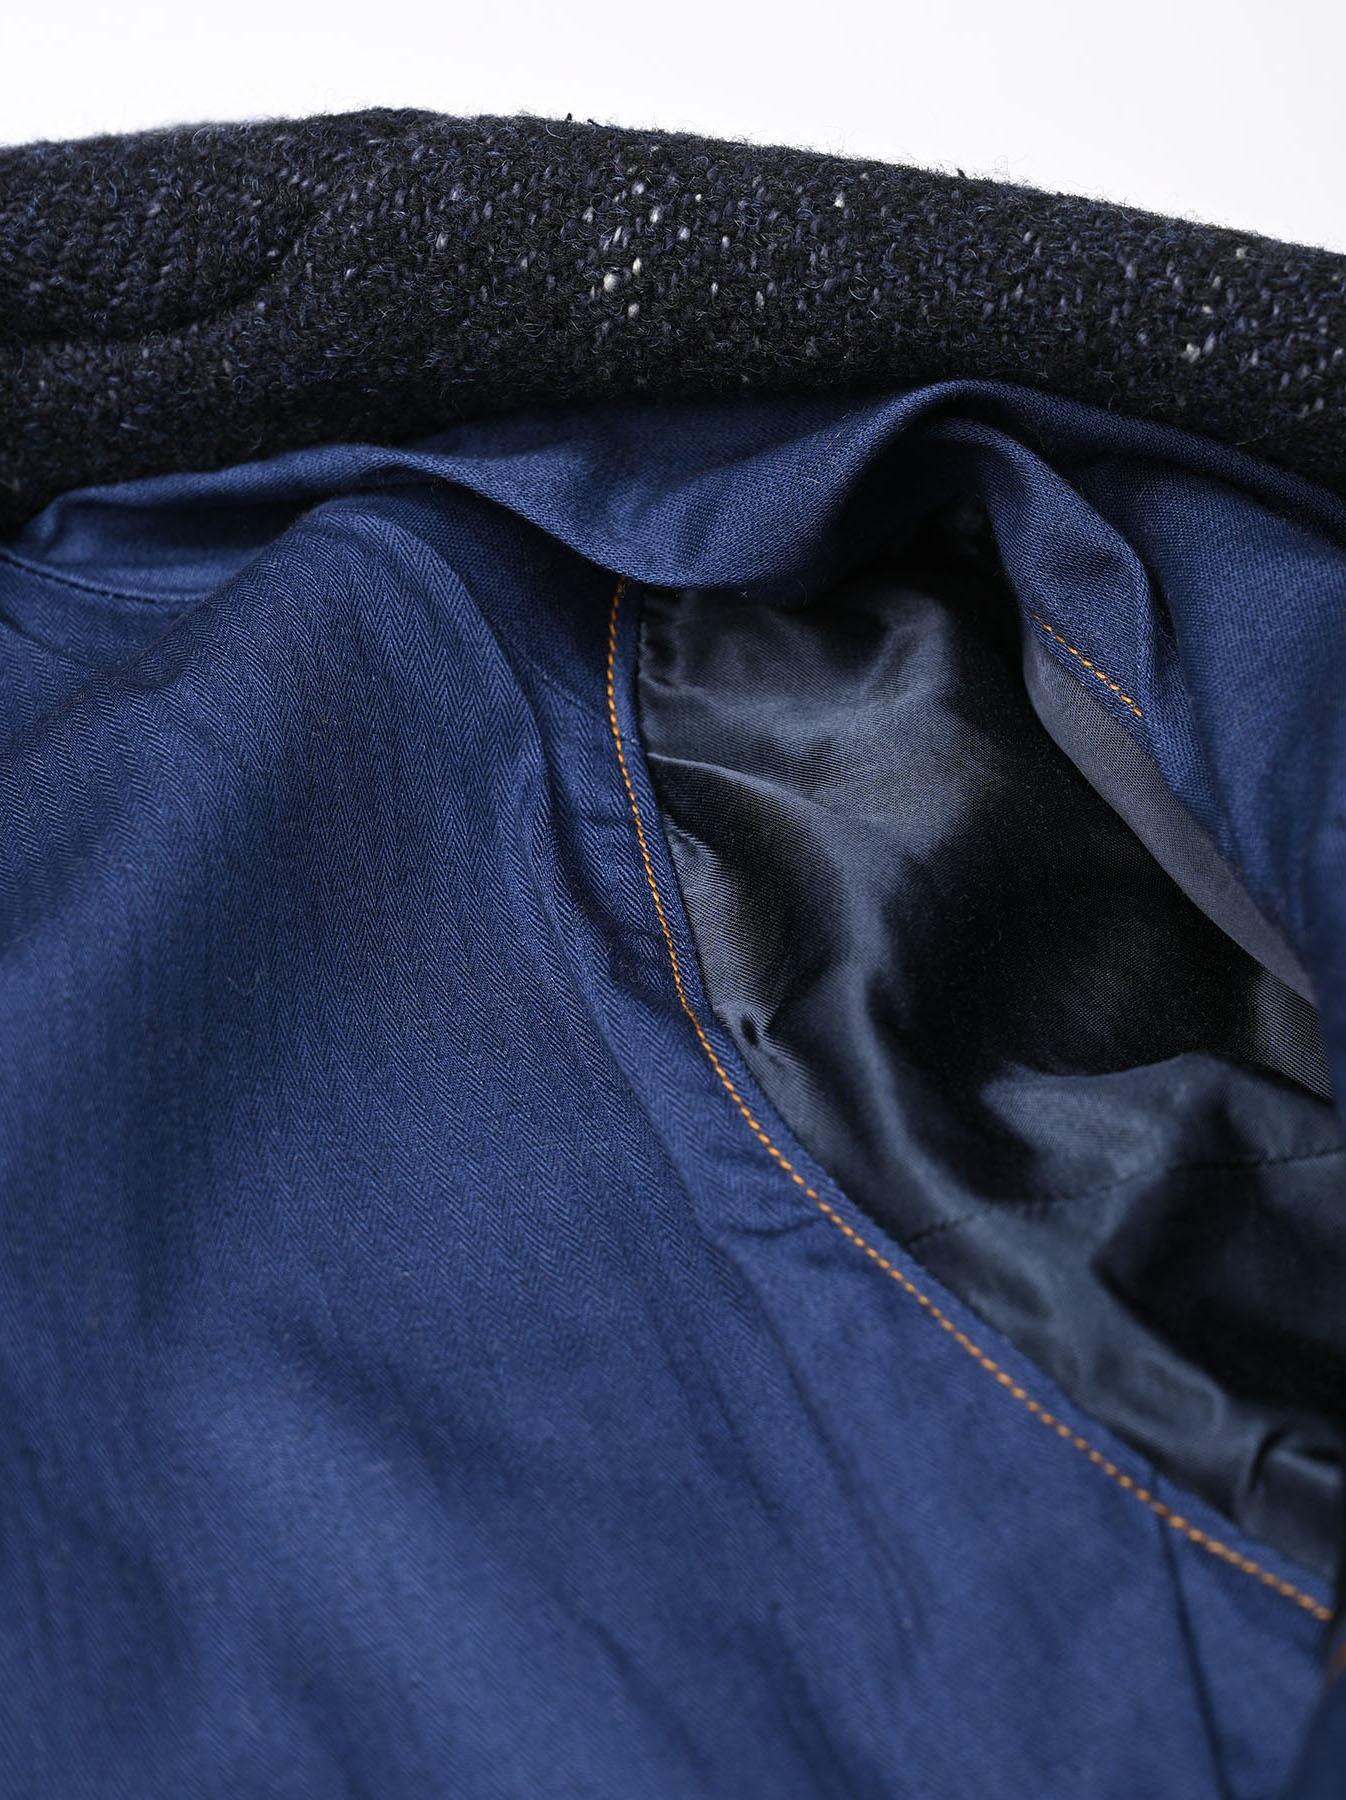 Indigo Tweed Melton Asama Jacket-9